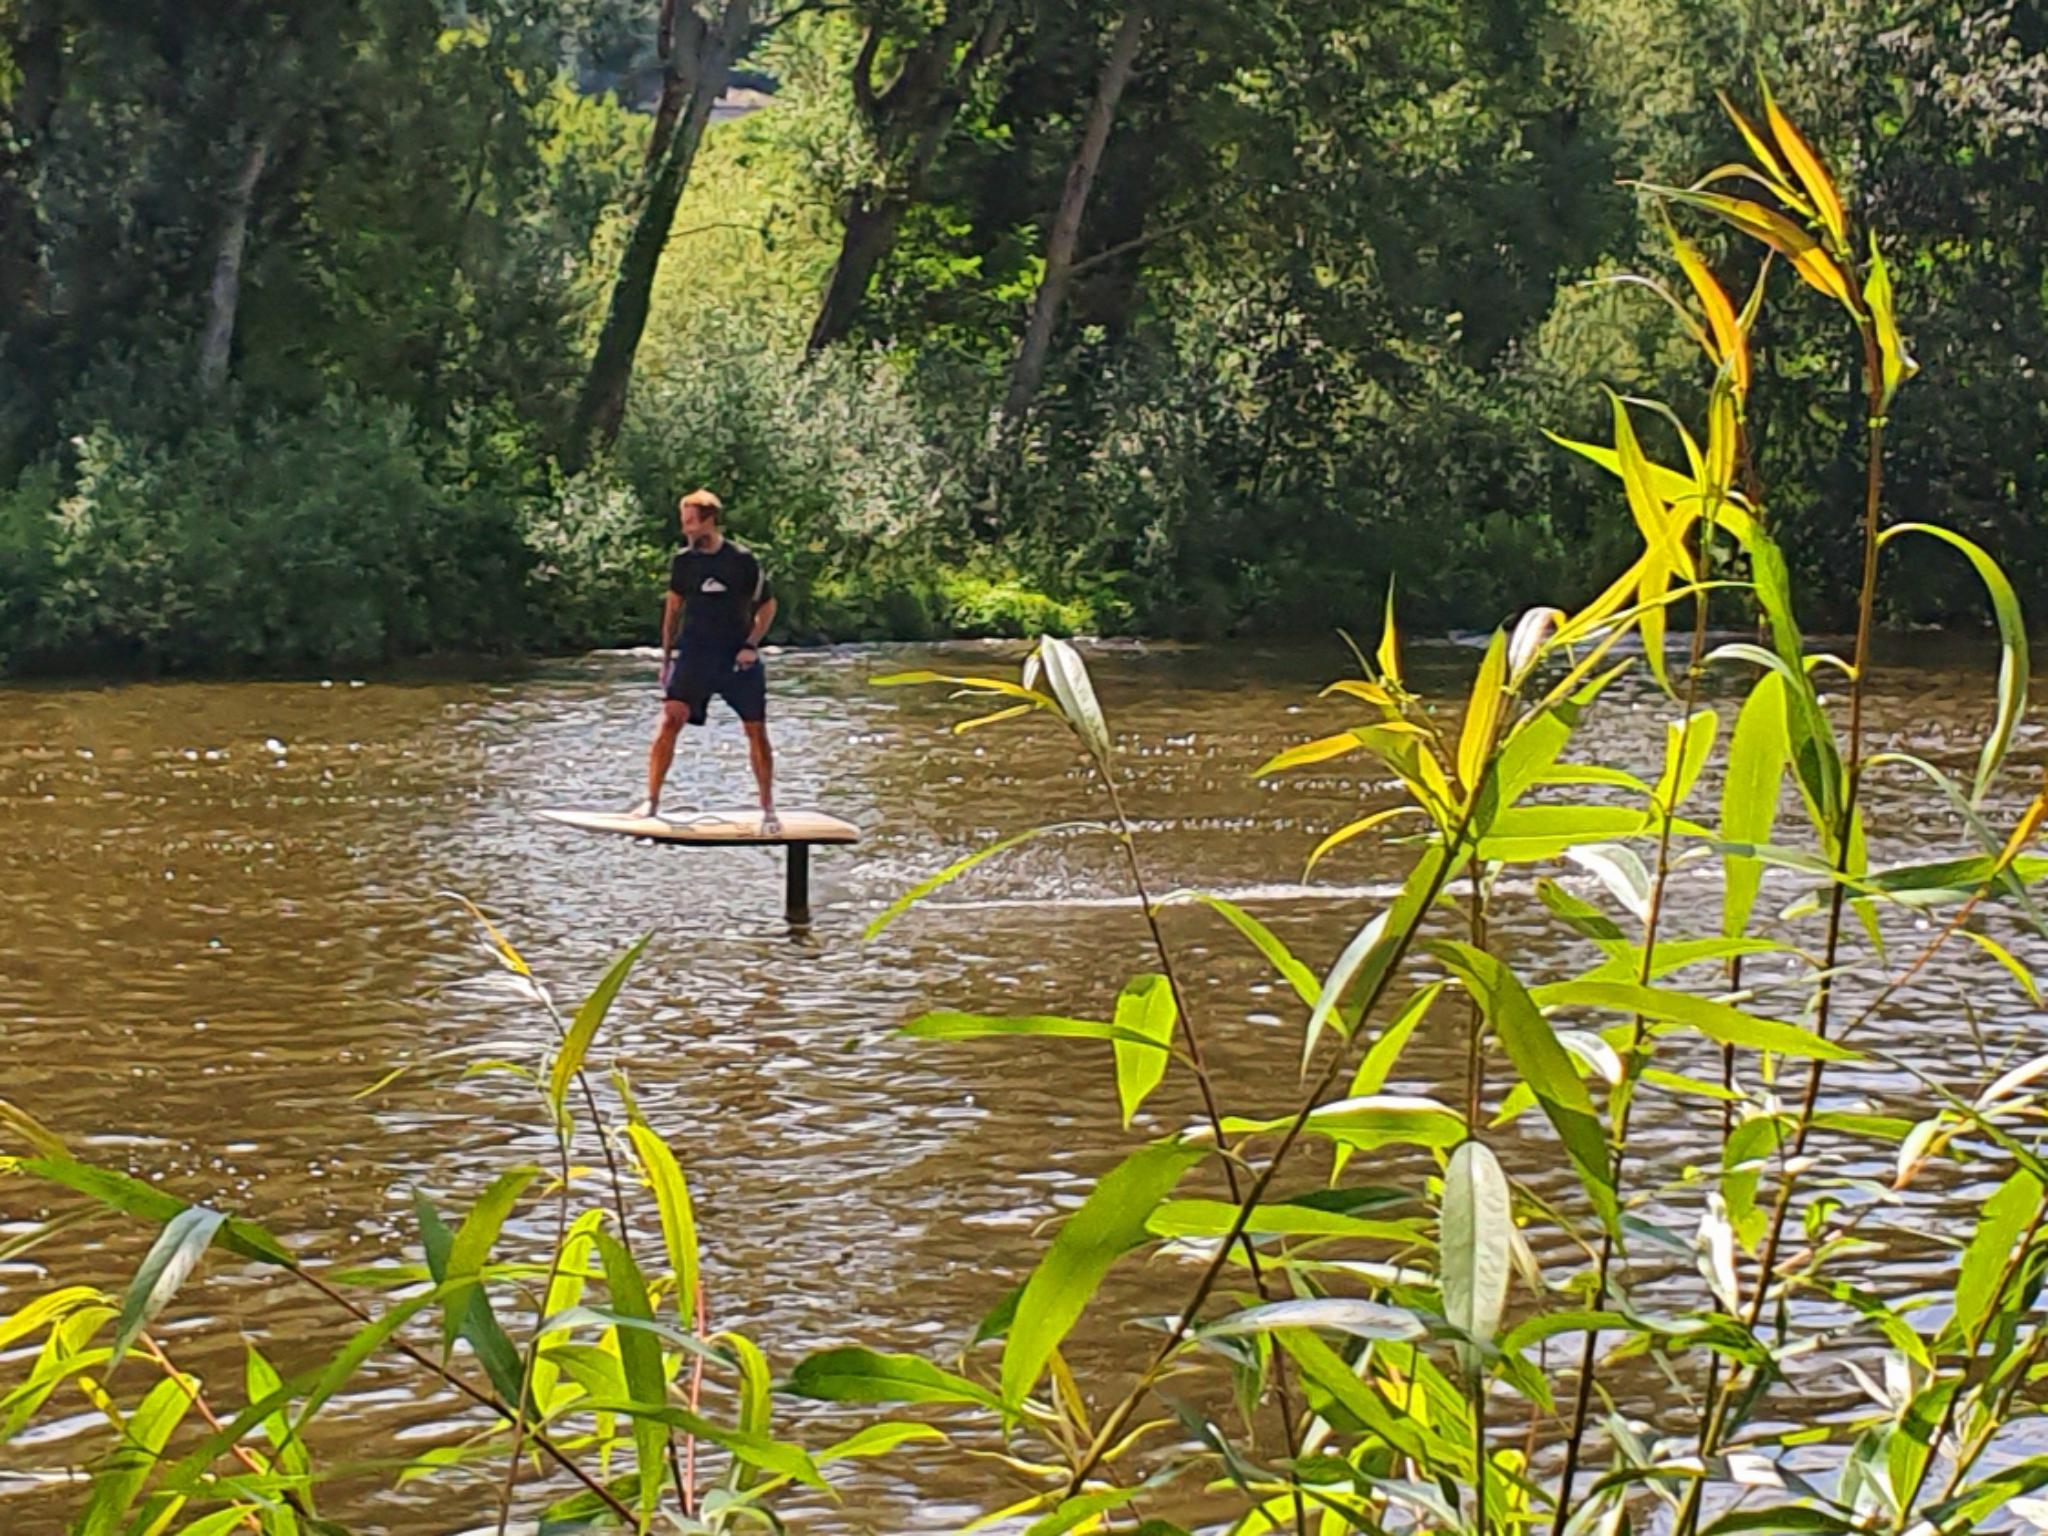 Mit einem Fliteboard über das Wasser gleiten. Foto: eFoil Riders.